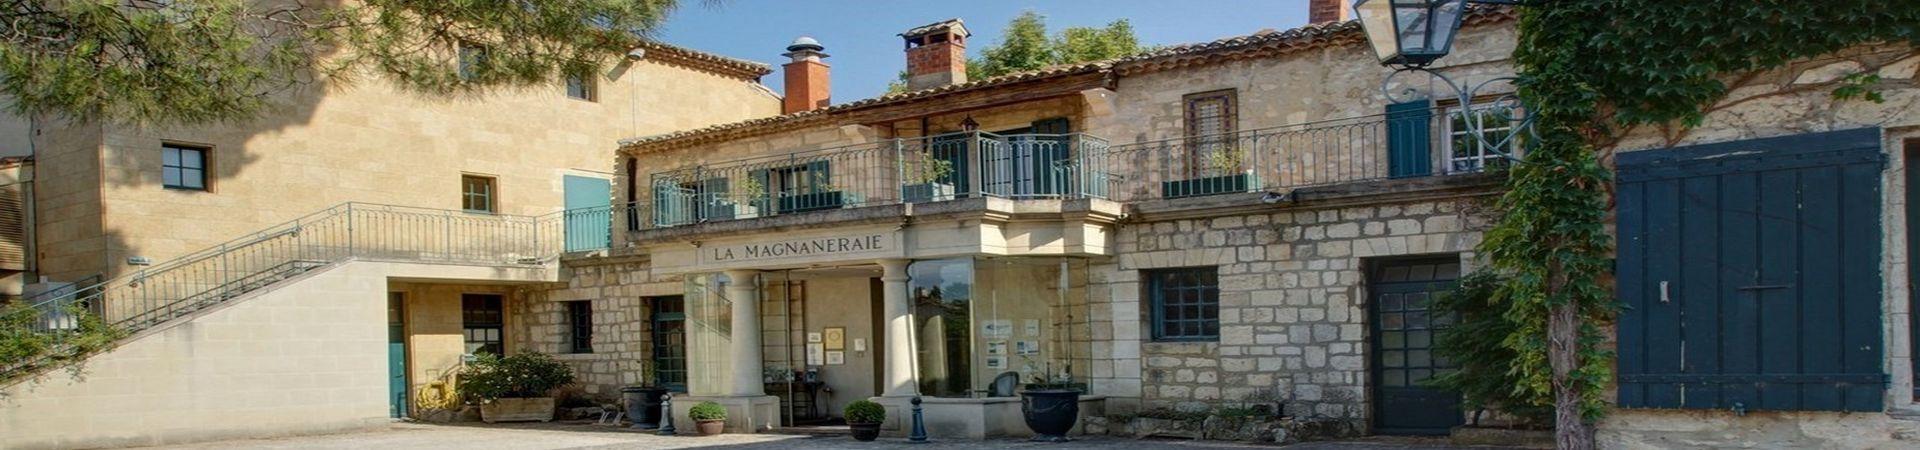 Najeti hôtel la magnaneraie a Villeneuve les avignon